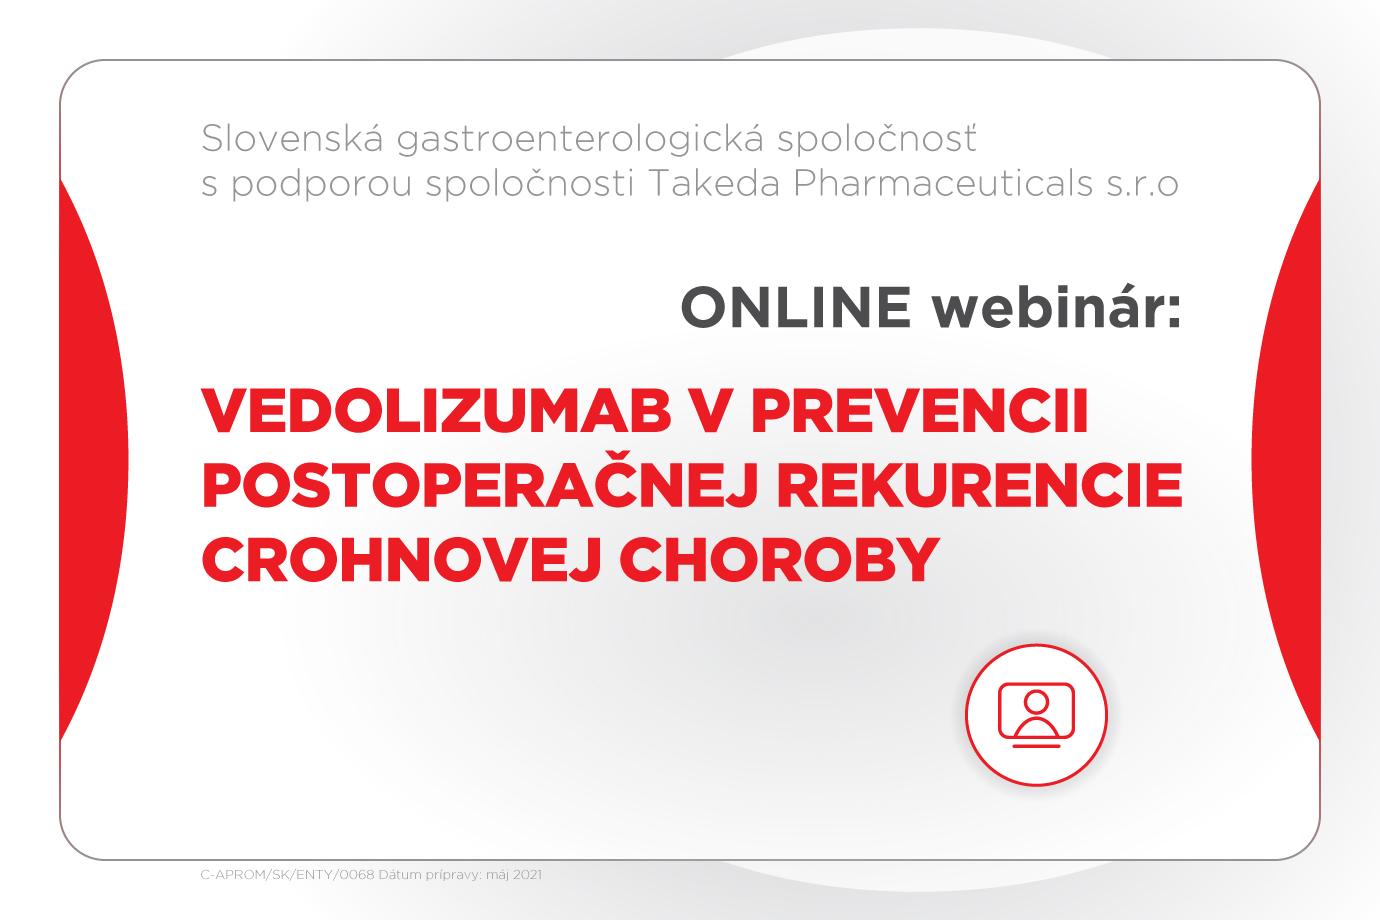 Vedolizumab v prevencii postoperačnej rekurencie Crohnovej choroby